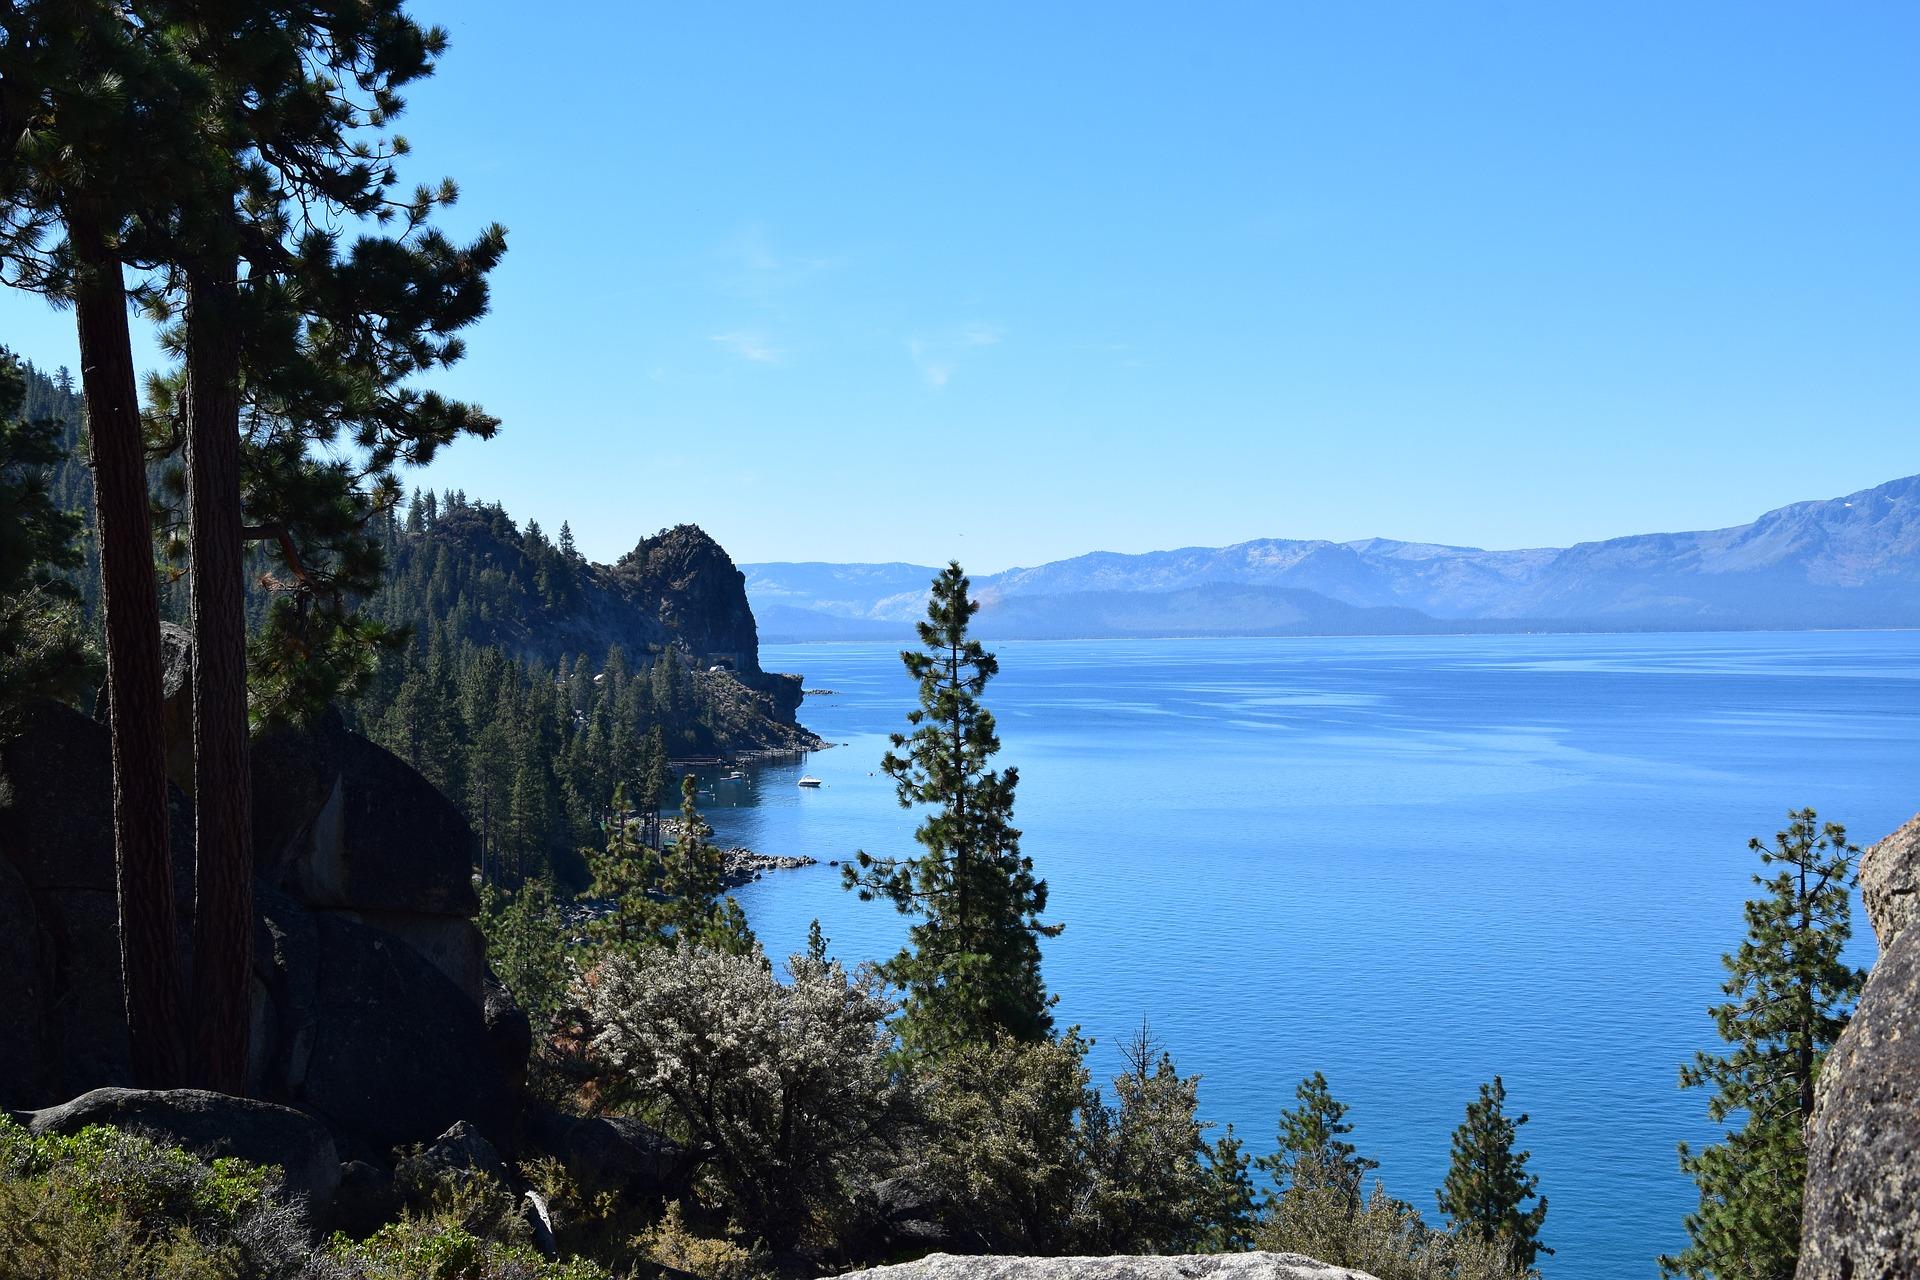 lake-tahoe-3660684_1920.jpg